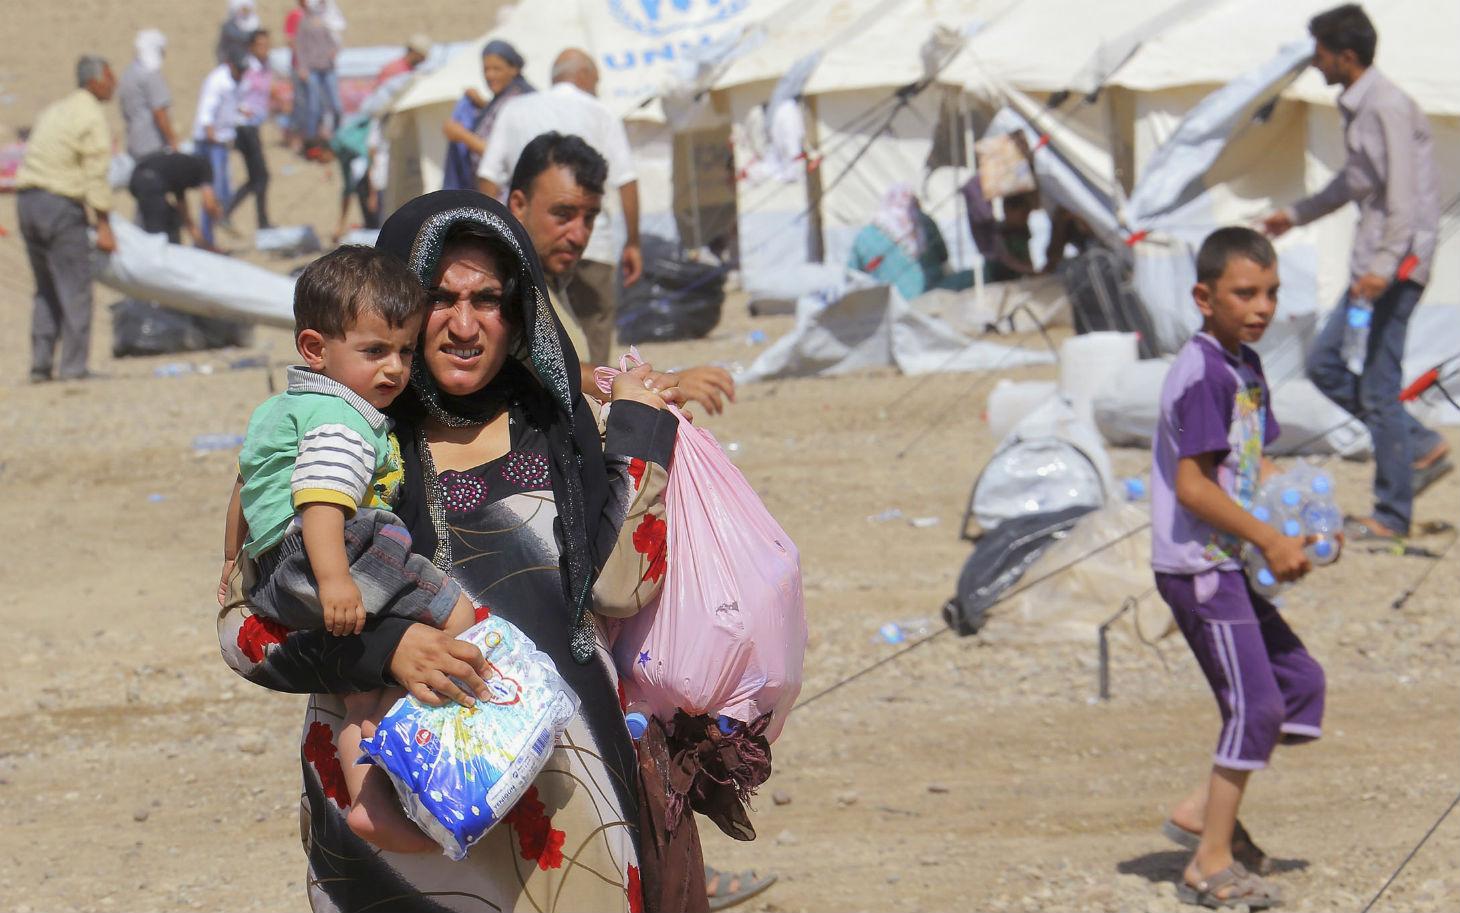 مستقبل غير أكيد: العيوب تظهر في اتفاق اللاجئين بين الاتحاد الأوروبي وتركيا